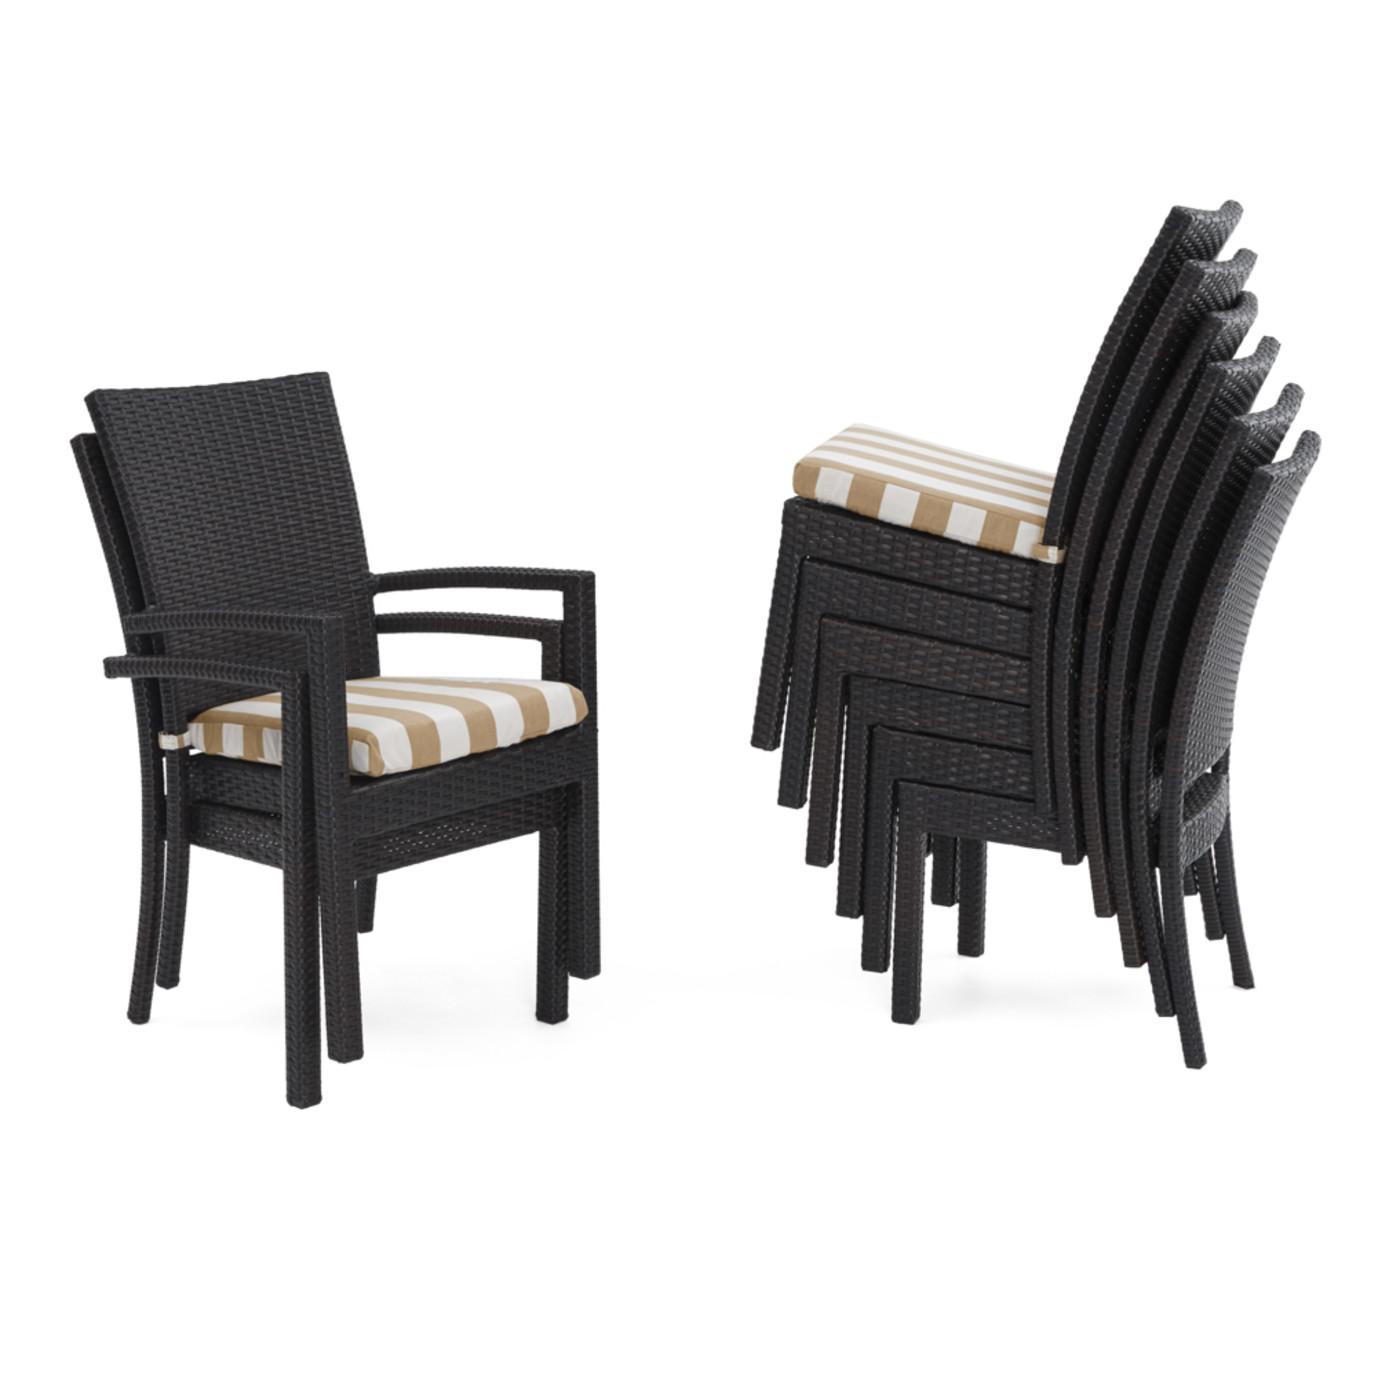 Deco™ 9pc Dining Set - Maxim Beige Stripe